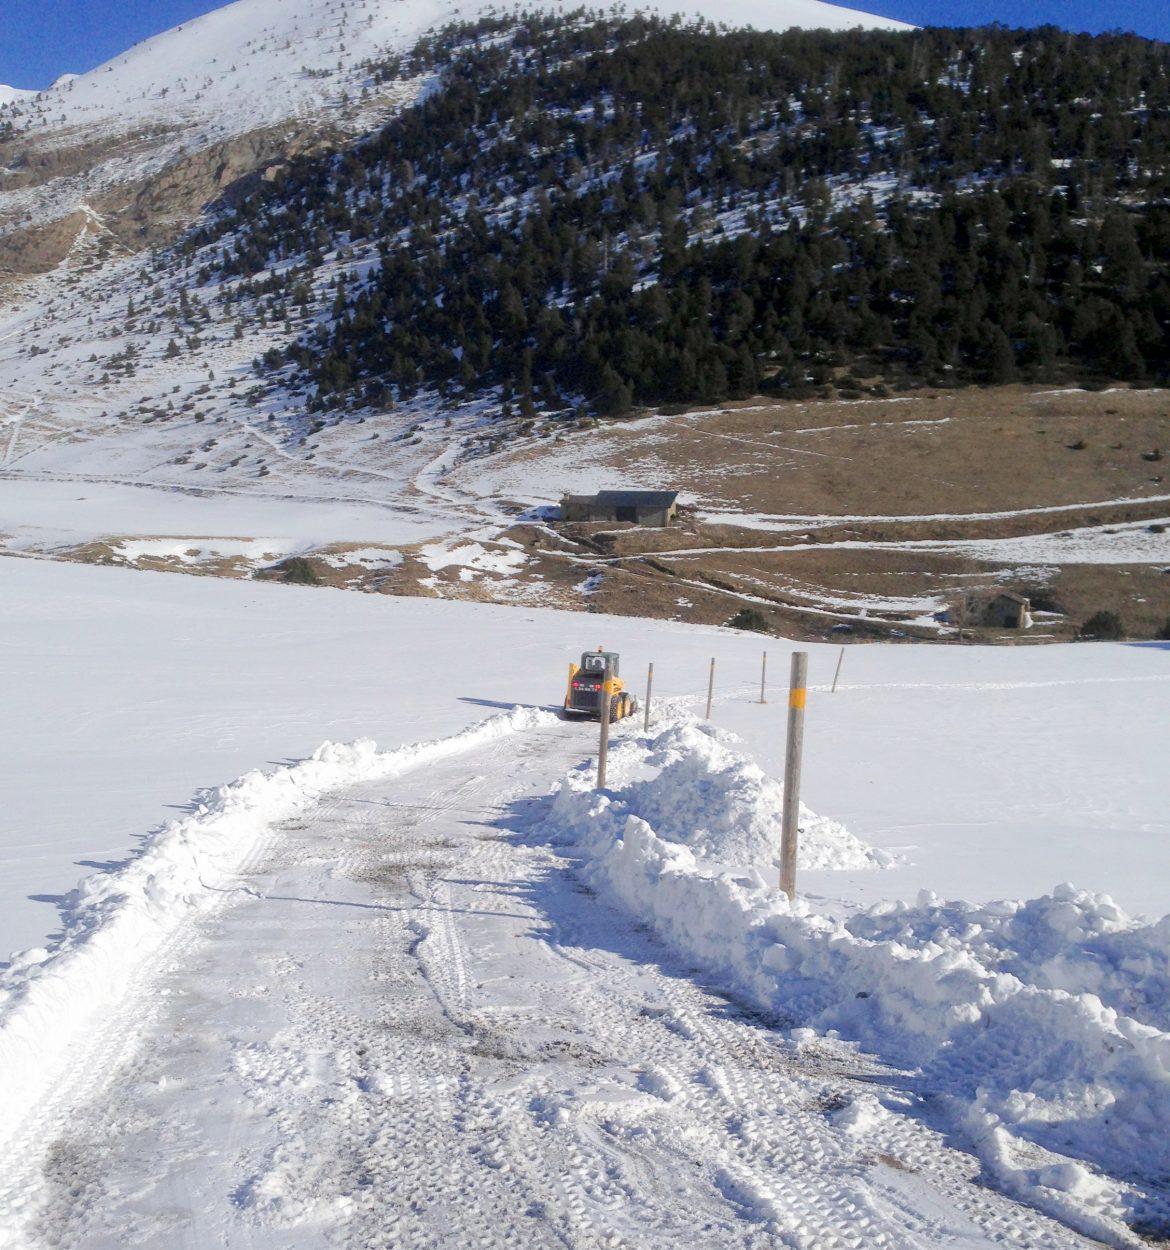 NETEJA DE NEU Andorra servei de retirada de neu de camins particulars, accessos a xalets, pàrquings, rampes d'accés d'entrada o sortida de comunitats de veïns, de carreteres d'Andorra, accessos Espanya i accessos França, aparcaments, vials i camins interiors. PM SERVEIS TREBALLS DE NEU té una dilatada experiència en treballs de neu, amb una diversitat de maquinària i complements. Realitzant la neteja de grans espais com els pàrquings privats i comunitaris a Andorra, neteges d'accessos a Comunitats, neteja de carrers privats no atesos pels Comuns de la zona, també fem obertures de pistes forestals per facilitar l'accés a tots els privats que desitjant accedir a les seves Bordes o finques, accés a repetidors de TV i nuclis de serveis de producció hidroelèctrica. PM SERVEIS, aquest mes d'octubre ja té a punt l'operatiu de treta de neu amb la finalitat de reduir el màxim el temps la neteja de tots els accessos d' aparcaments privats de tot Andorra, tot els accessos a finques de privats o entrades i sortides de zones privades per poder garantir la mobilitat dels nostres clients a tot Andorra durant els mesos més freds. Un any més, PM SERVEIS recorda que la treta de neu és una tasca compartida on la conscienciació de la ciutadania és imprescindible per poder garantir el bon veïnatge a les parròquies Andorranes. En aquest sentit, el titular d'un immoble, comerç, hotel, restaurant, xalet o altre, està obligat a retirar la neu de la seva voravia i dels llosats susceptibles de dificultar el dia a dia. En aquesta línia, alguns Comuns posa'n a disposició dels ciutadans sacs de 25 kg de sal a un import de 3 euros, més o menys. A Encamp els veïns o usuaris interessats, podran pagar-los i recollir-los a l'aparcament del Arínsols d'Encamp. Pel que fa al Pas de la Casa, la taxa s'haurà de satisfer a tràmits i la recollida tindrà lloc l'aparcament del Bullidor. Pel que fa a les carreteres i aparcaments a Encamp, la treta de neu depèn directament del Comú d'Encamp. Només en cas de nev